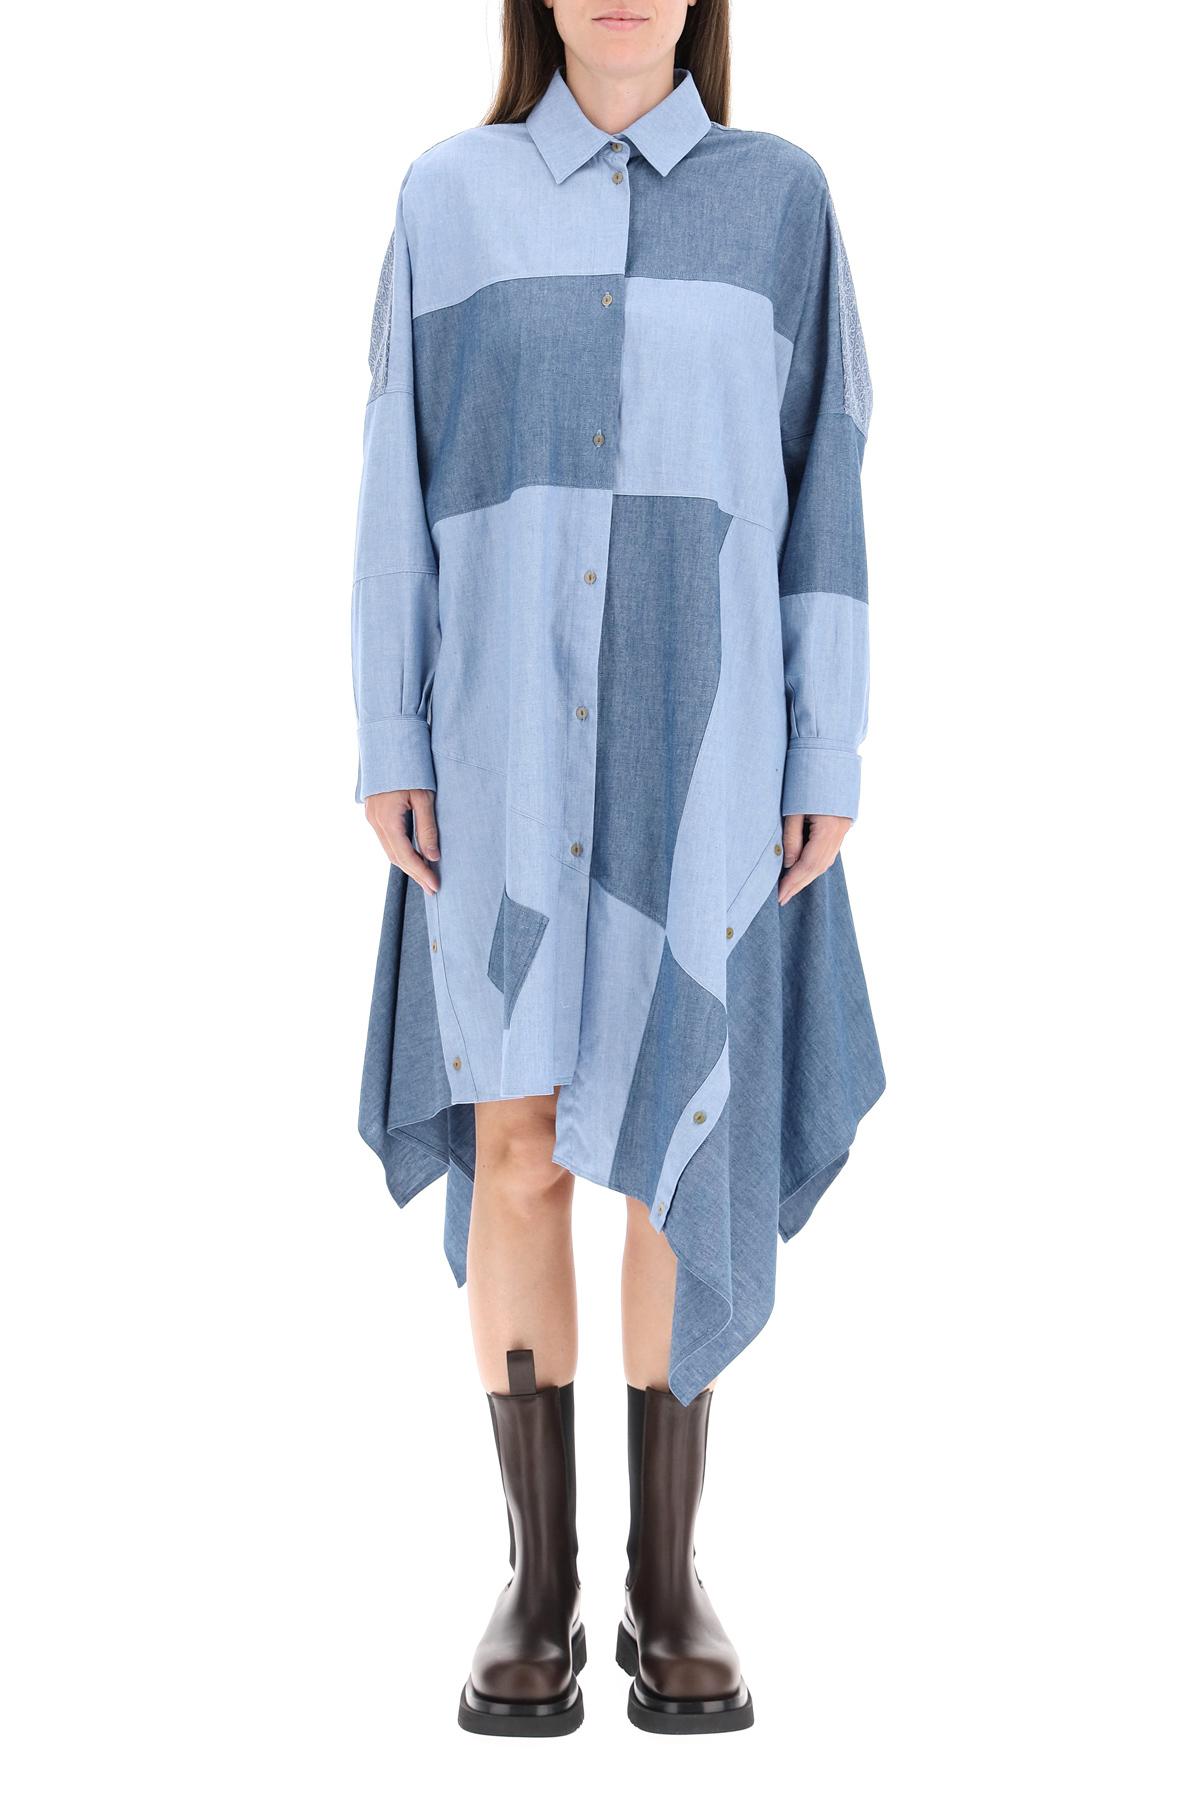 Loewe abito oversize patchwork